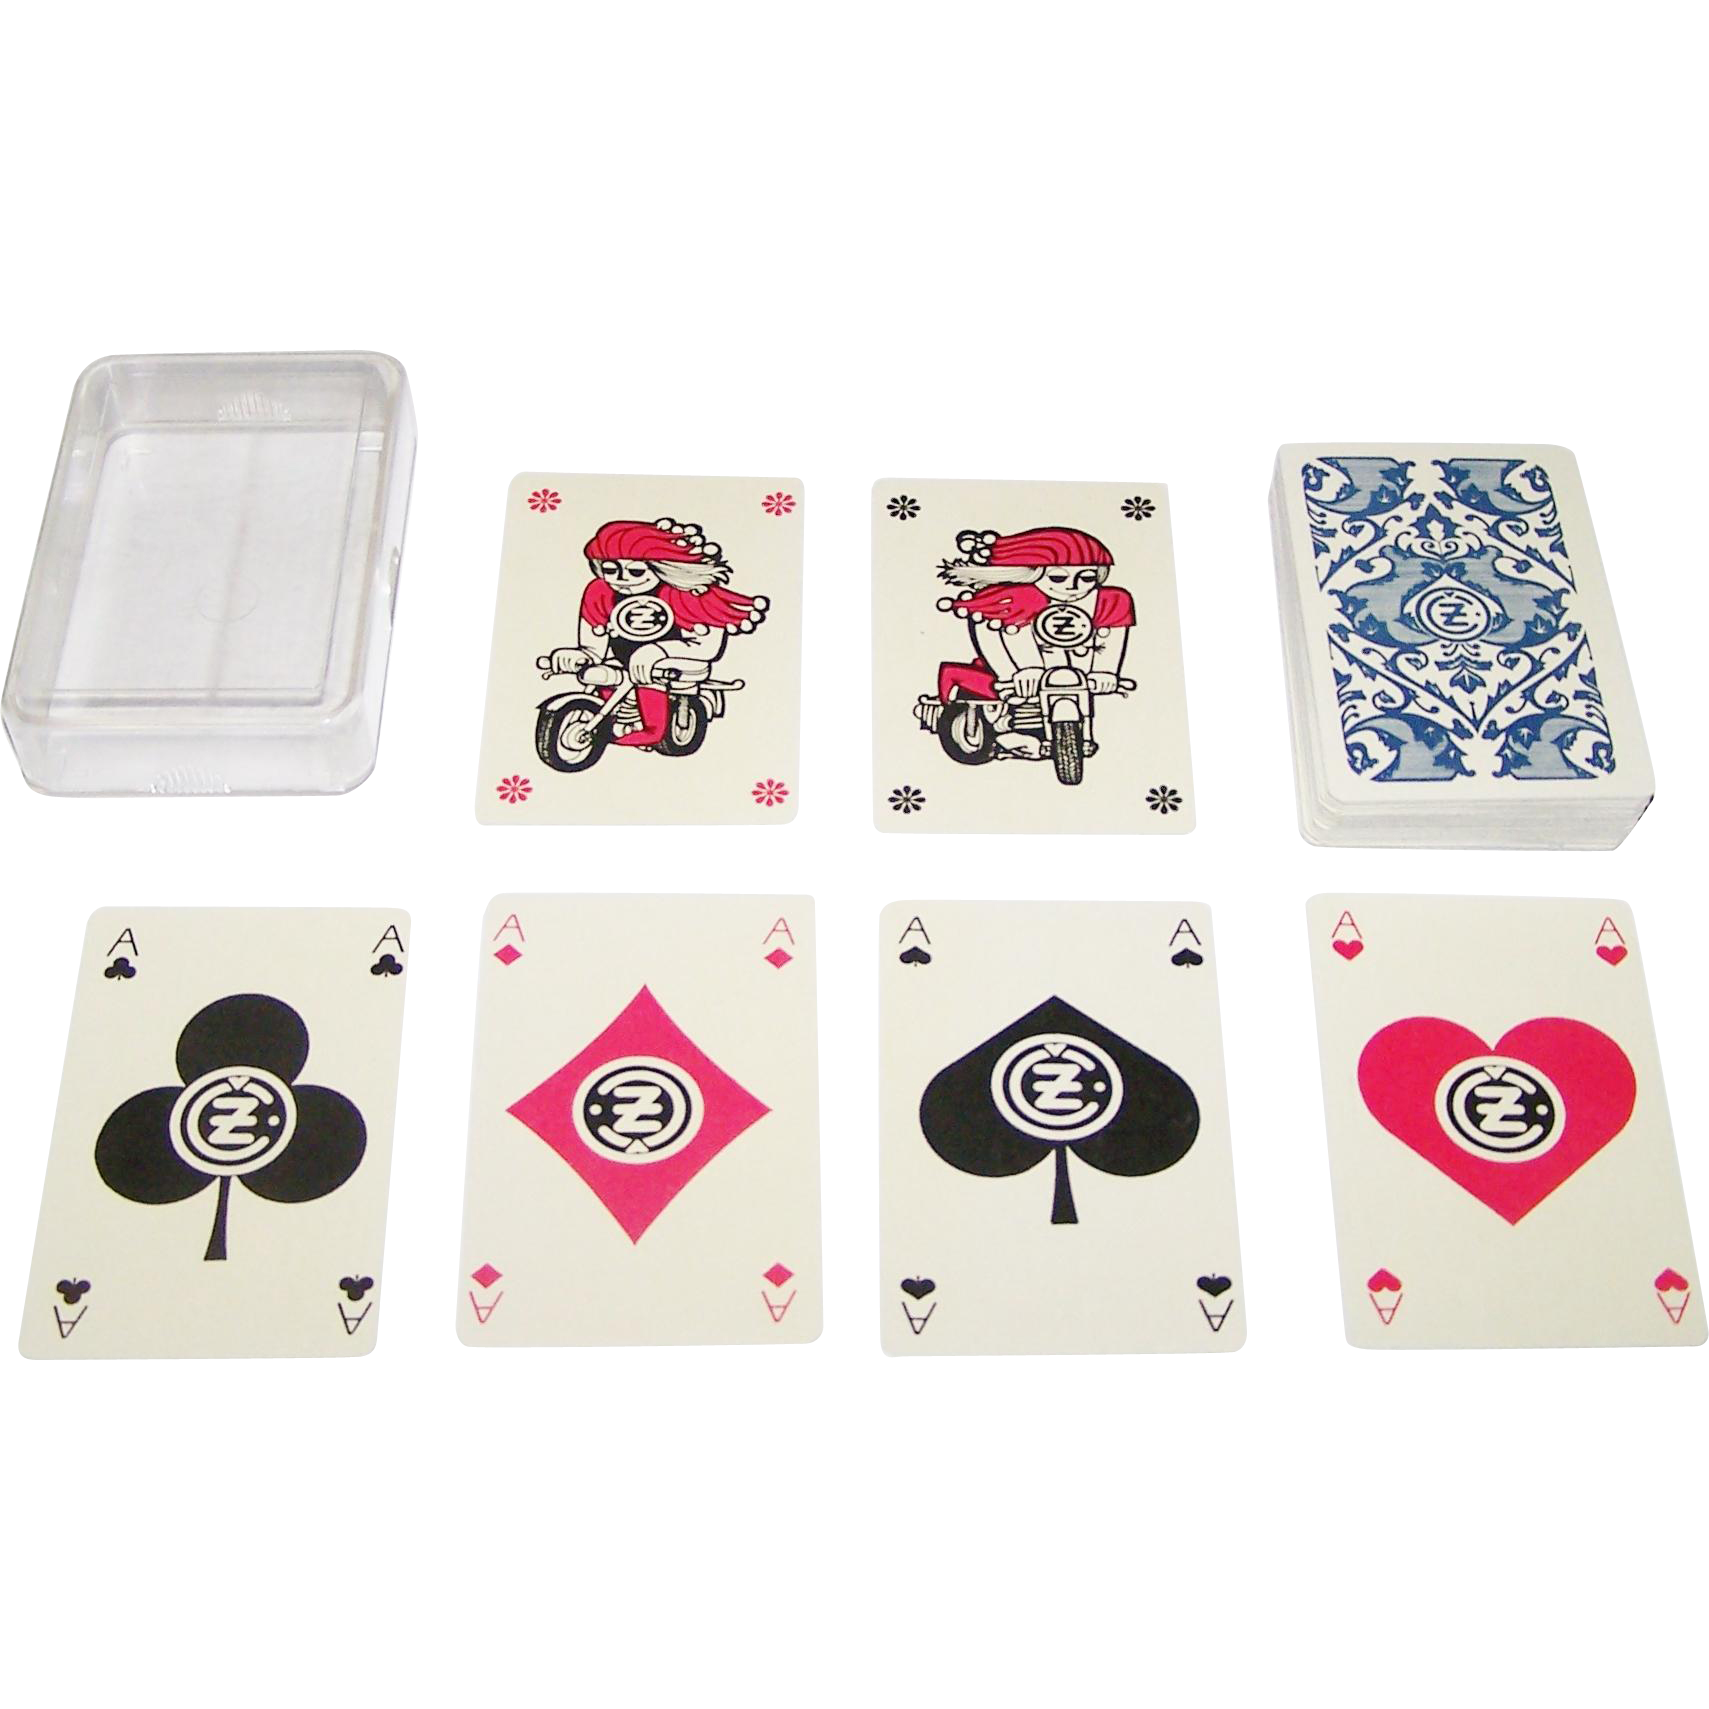 """Kolin """"Česká Zbrojovka"""" Playing Cards, Česká Zbrojovka Firearms Manufacturer, Artist Unknown, c.1970"""